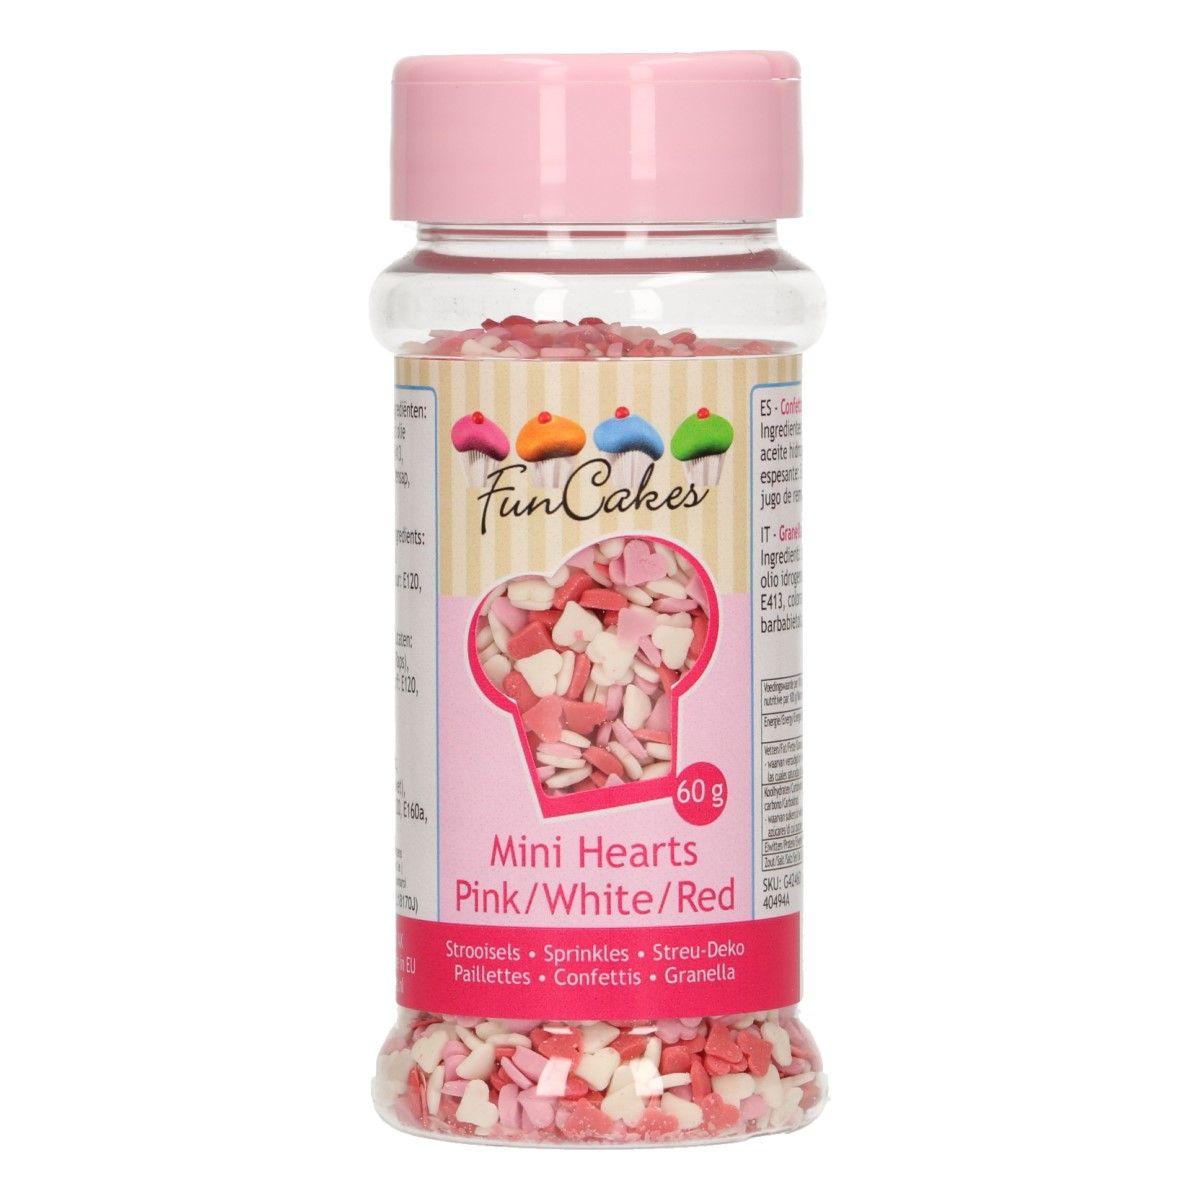 Streudekor Miniherzen 60 g